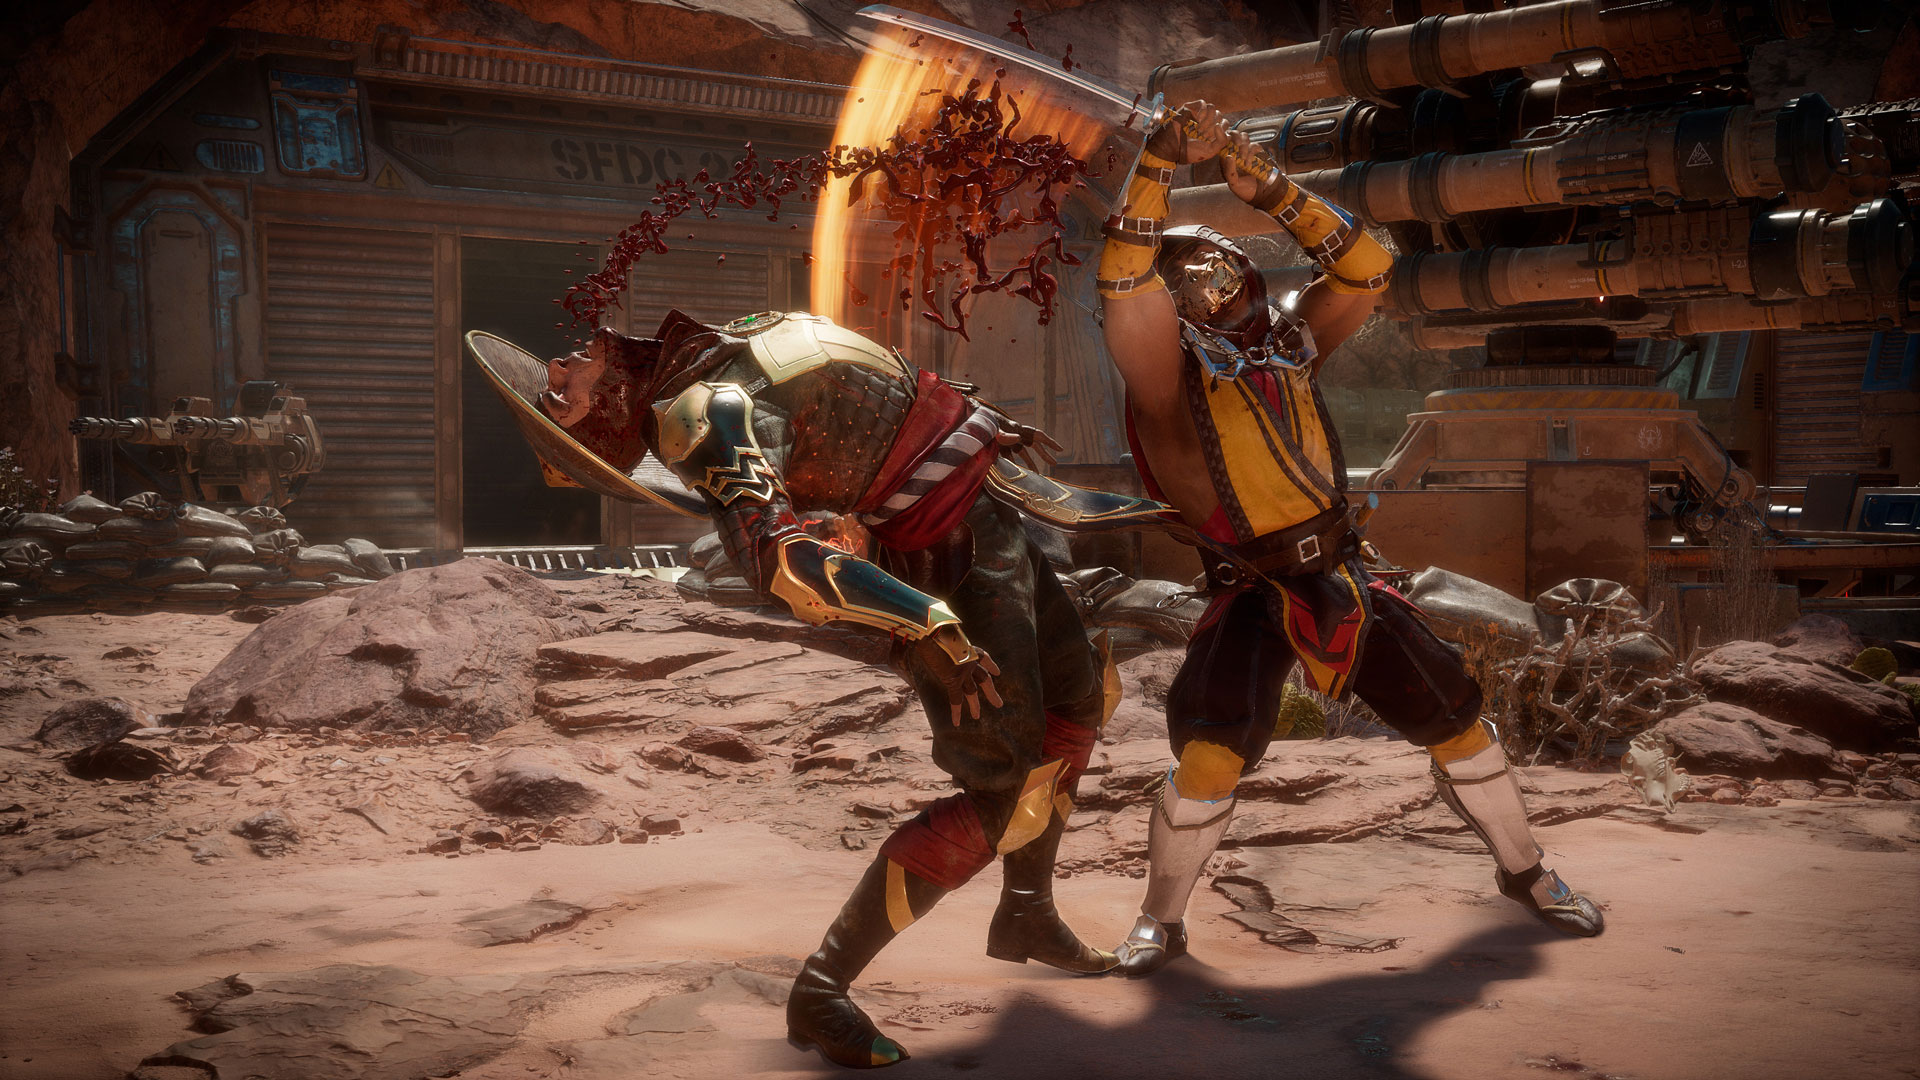 Распродажа франшизы Mortal Kombat вSteam